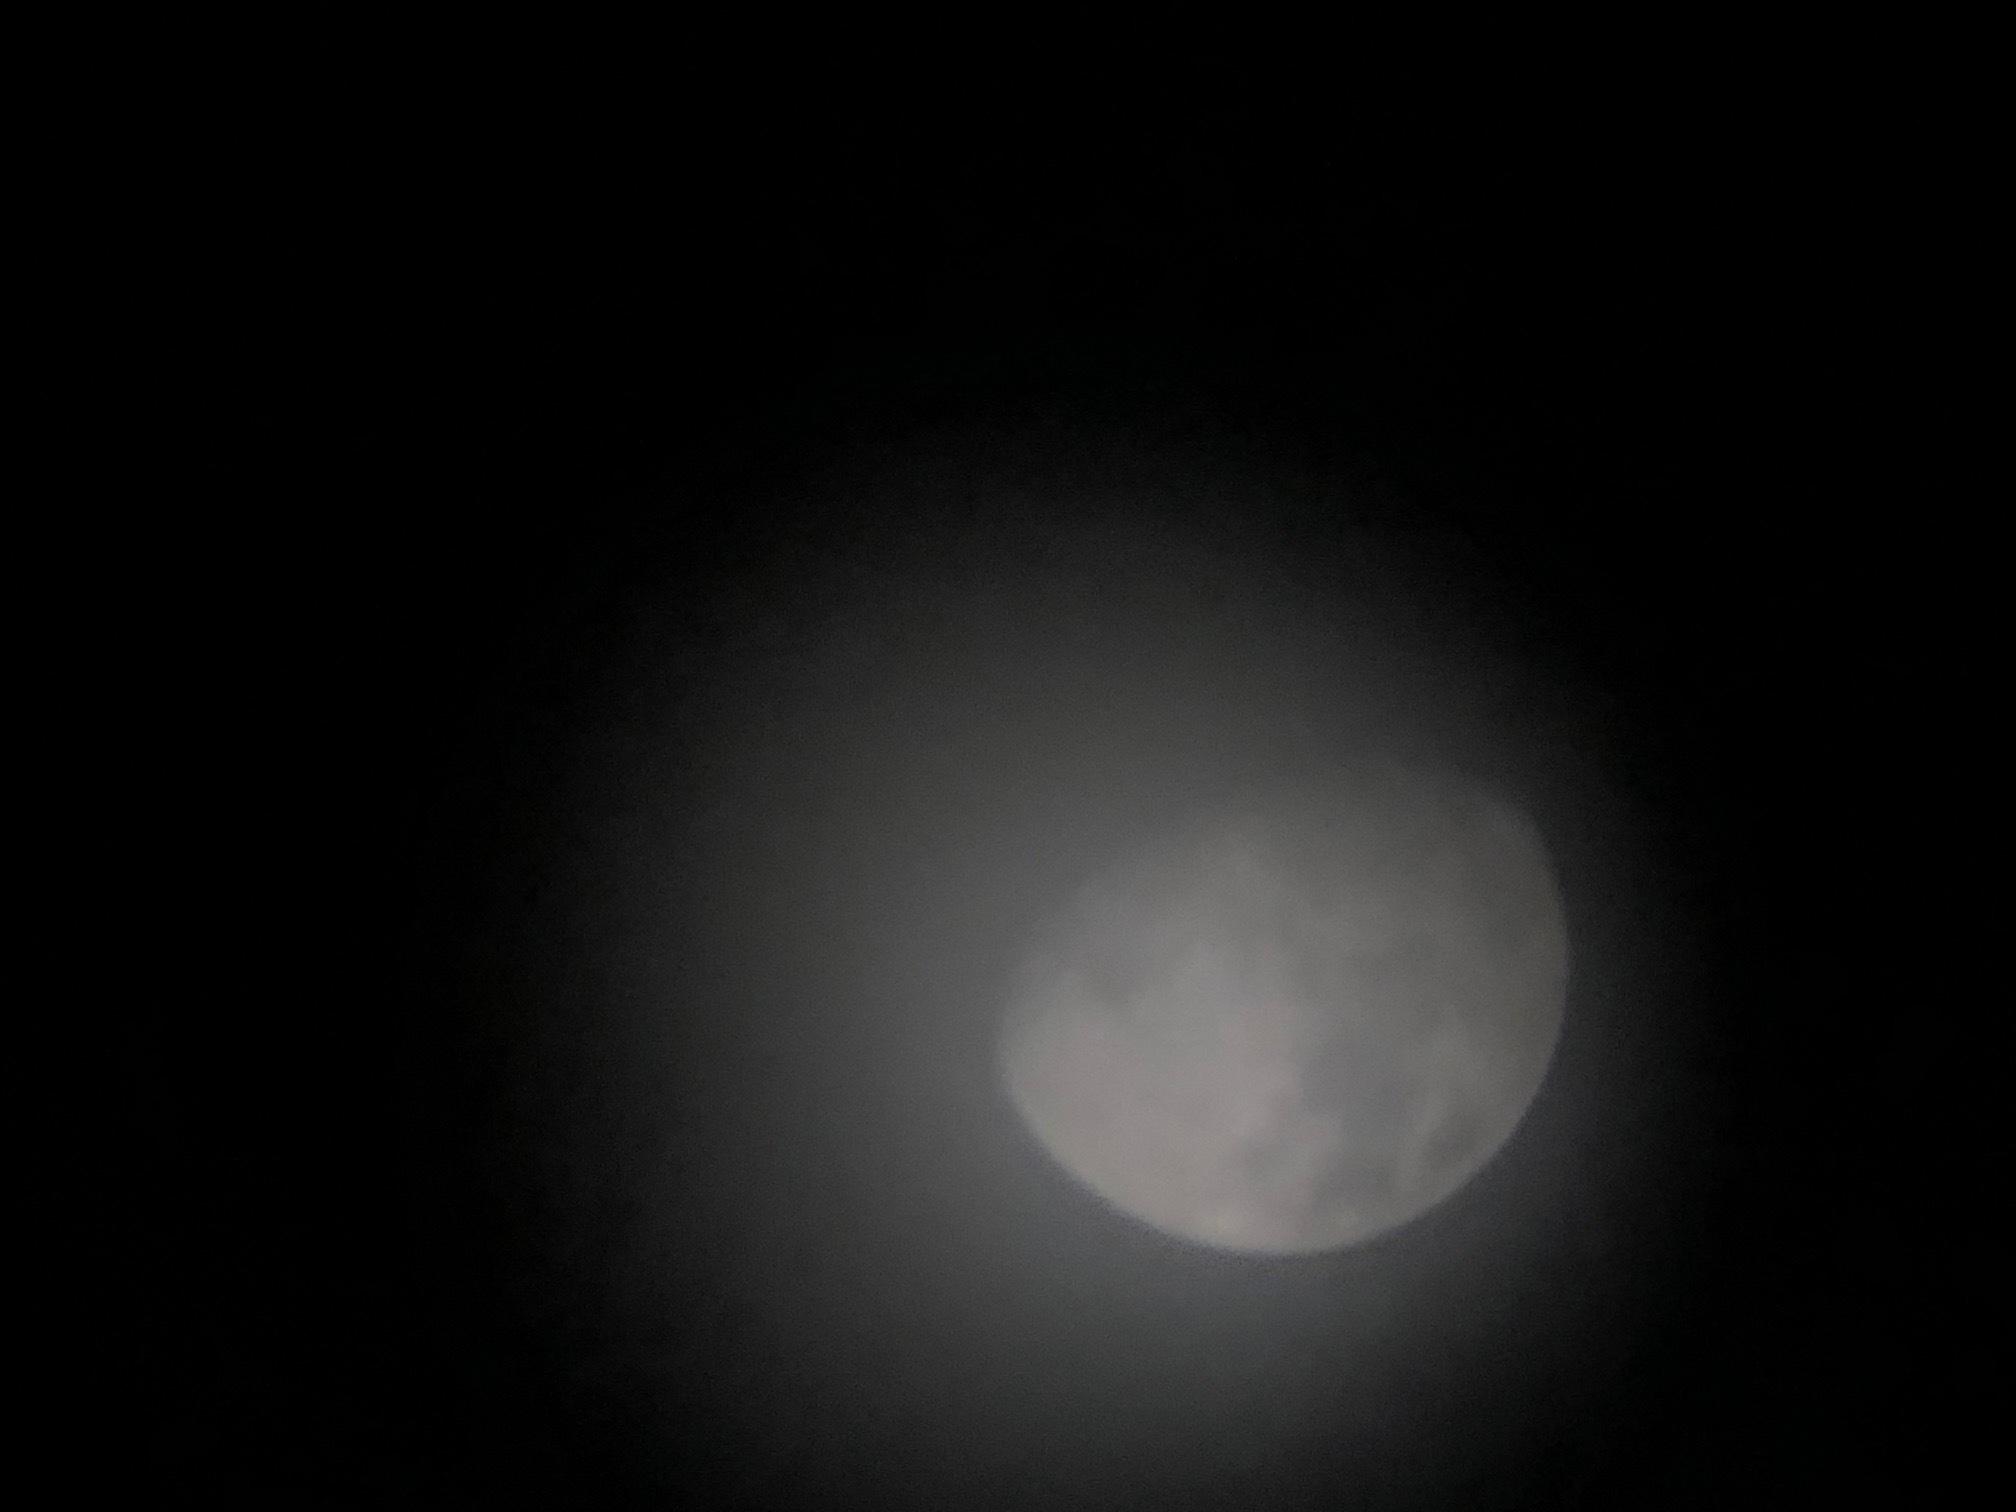 星空キャンプ〔2日目〕今夜のメニューは「てづくりぎょう座」お腹いっぱいになって、一瞬だけど月も見えた!_d0363878_23015300.jpg